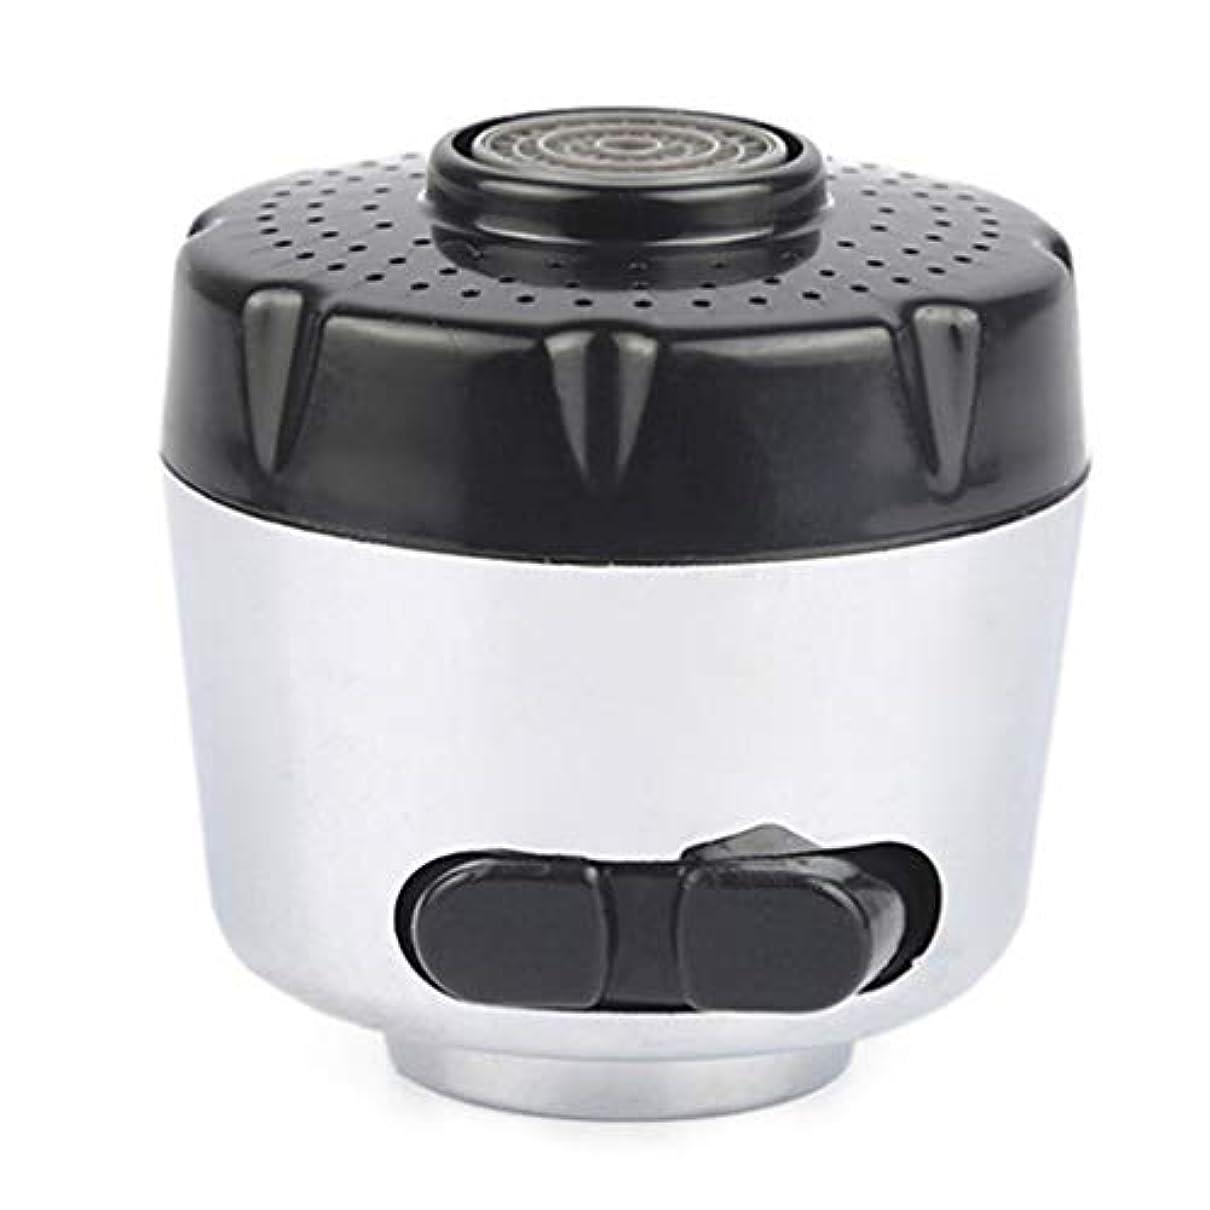 試用修正キッチンToporchid 蛇口ノズルエアレーター洗浄ポンプ噴霧器節水蛇口フィルターヘッド360度調整可能な蛇口ノズル(style1)